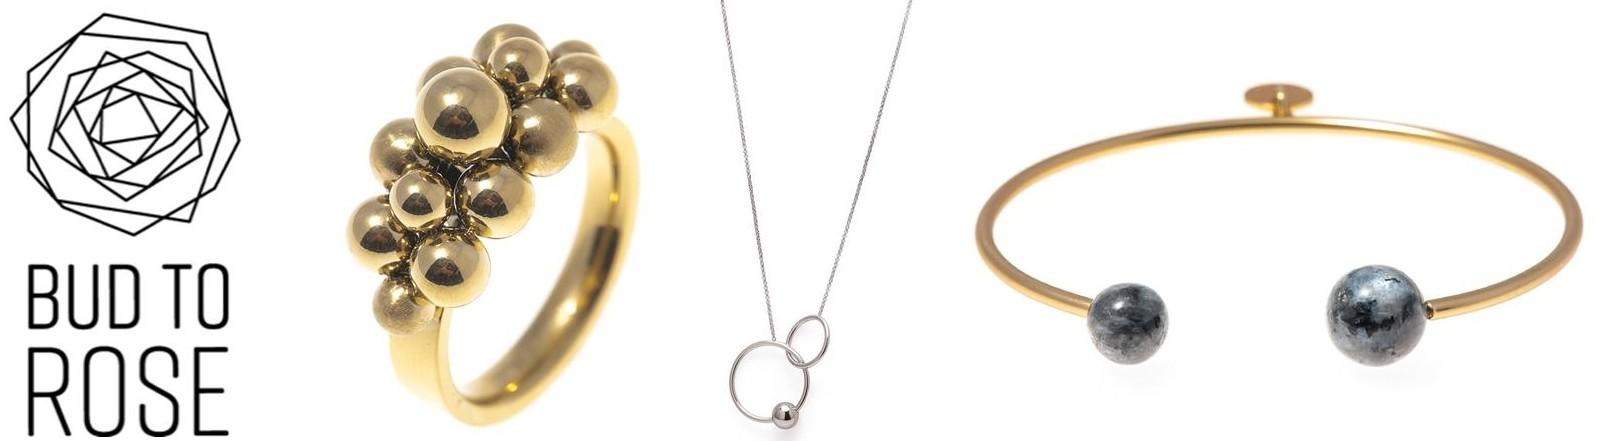 Smycken från BUD TO ROSE